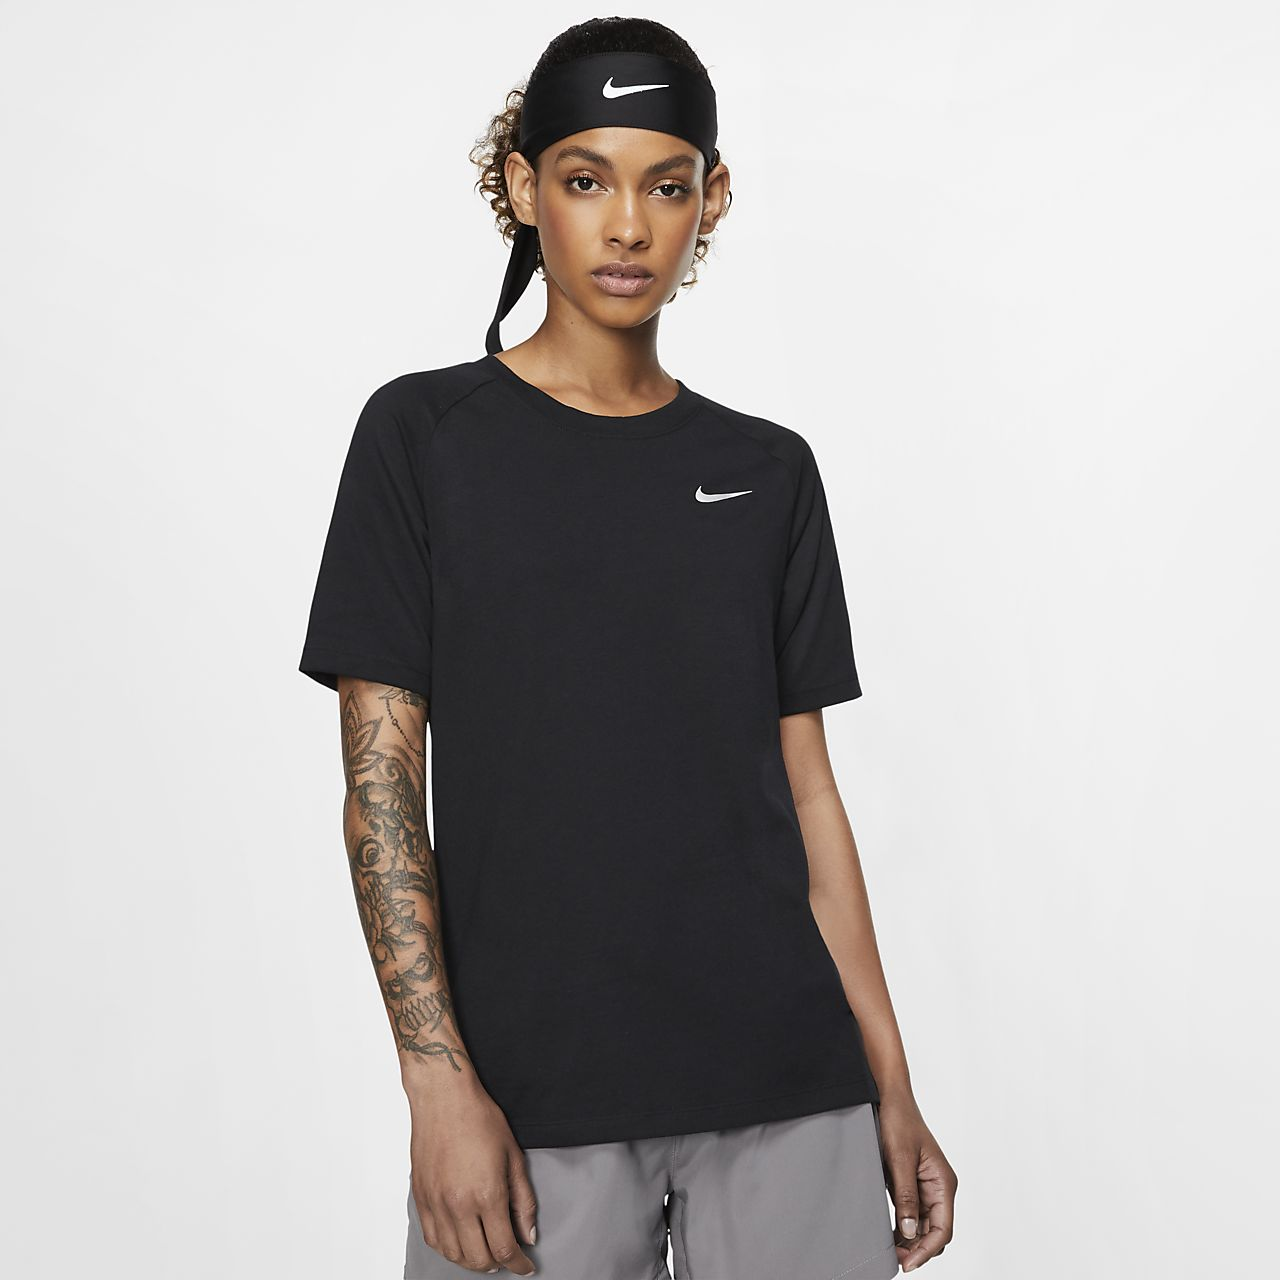 d10d4eacc0d2 Haut de running à manches courtes Nike Dri-FIT Tailwind pour Femme ...